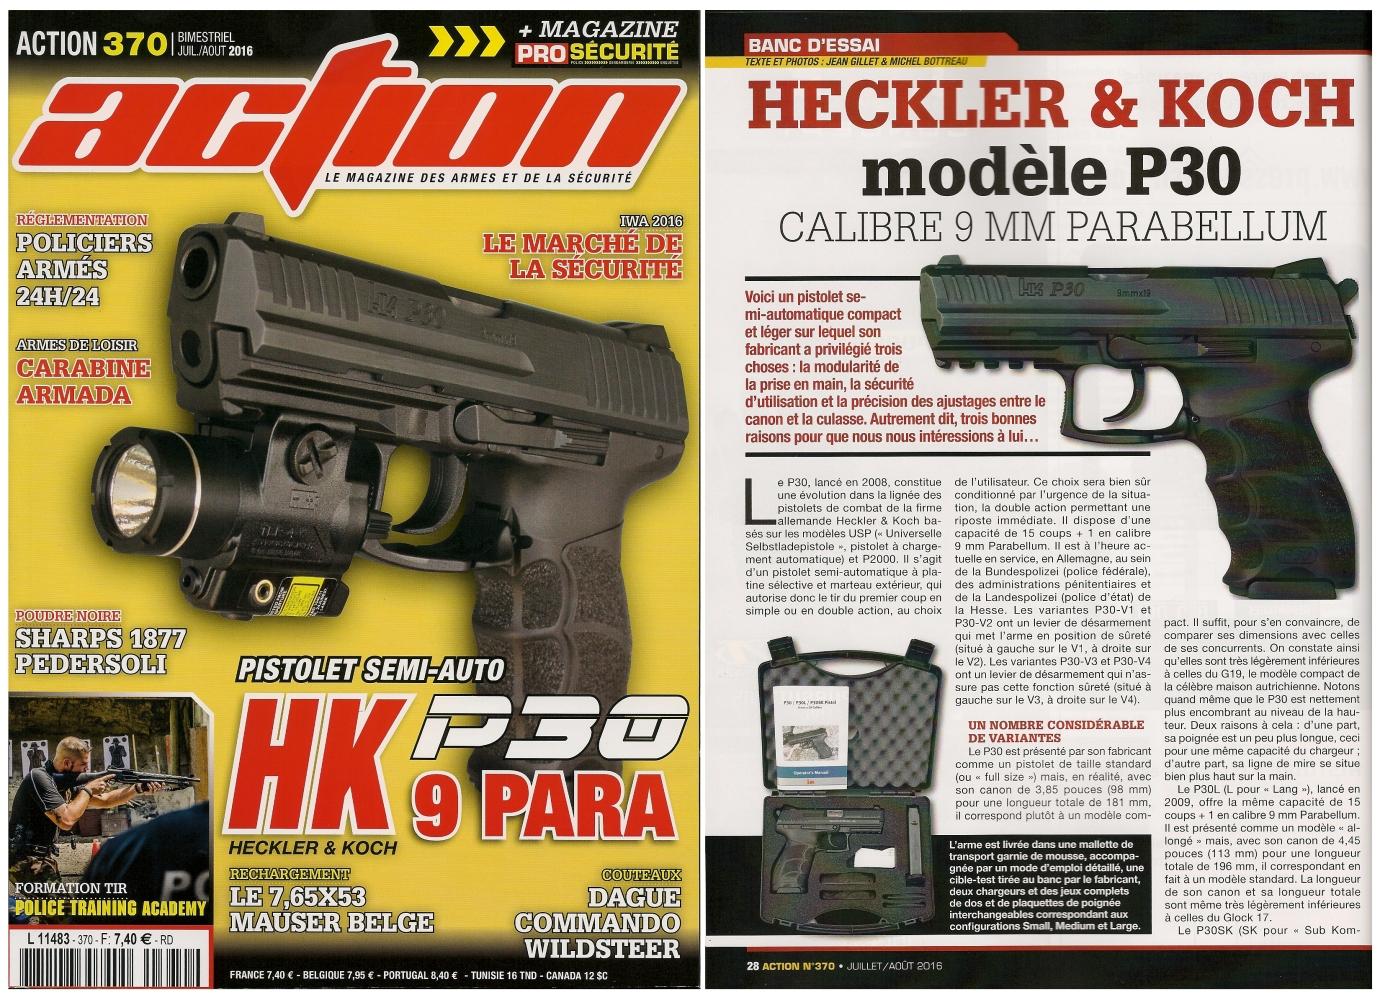 Le banc d'essai du pistolet Heckler & Koch modèle P30 a été publié sur 6 pages dans le magazine Action n°370 (juillet/août 2016).